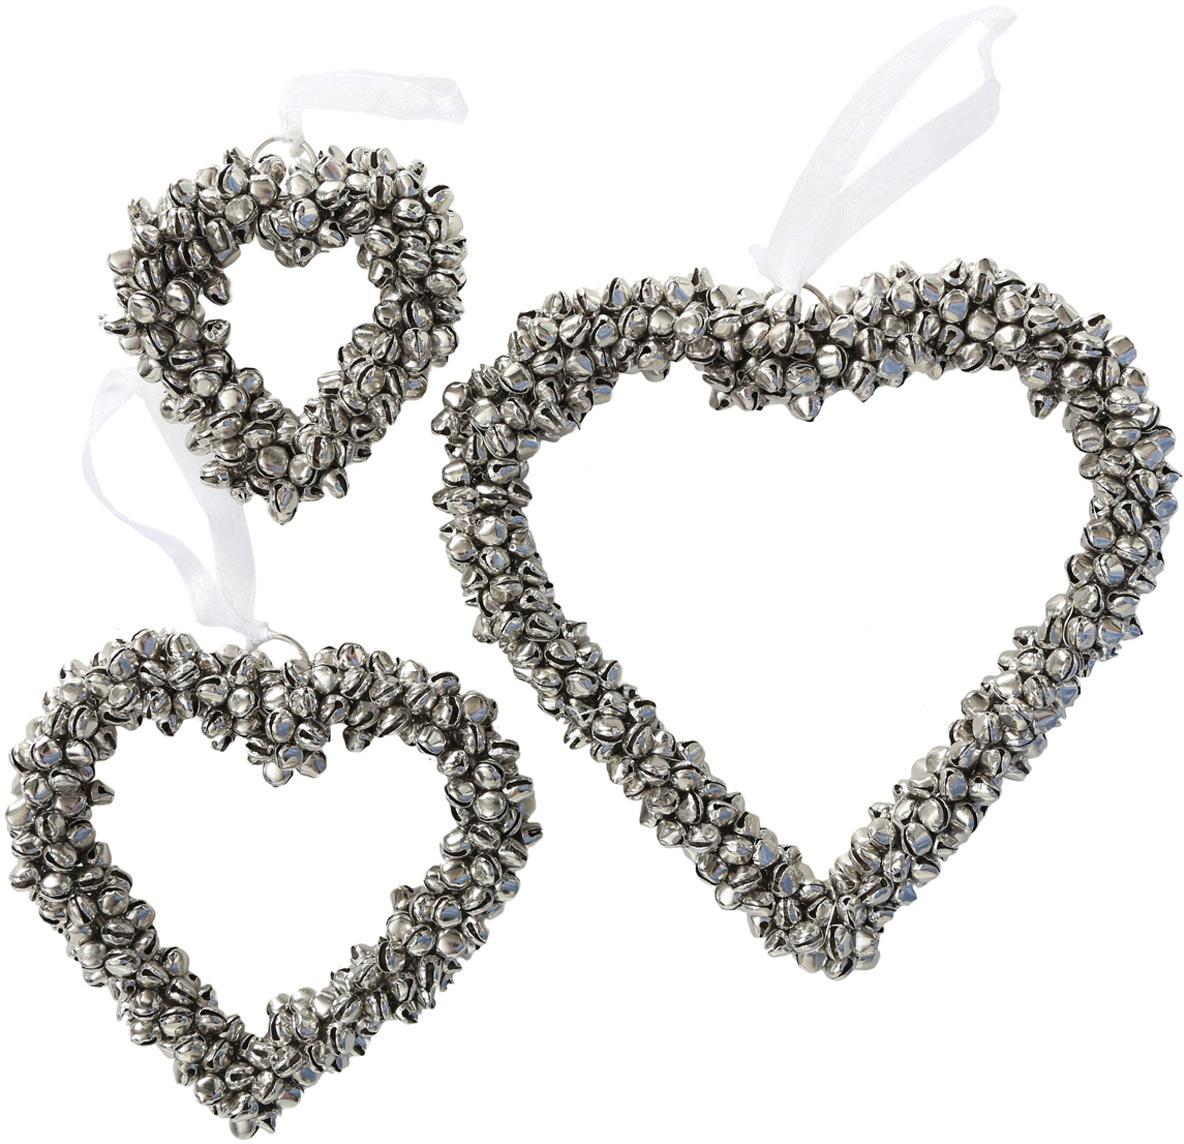 Set 3 cuori decorativi con campanellini Halina, Metallo, bianco, Set in varie misure